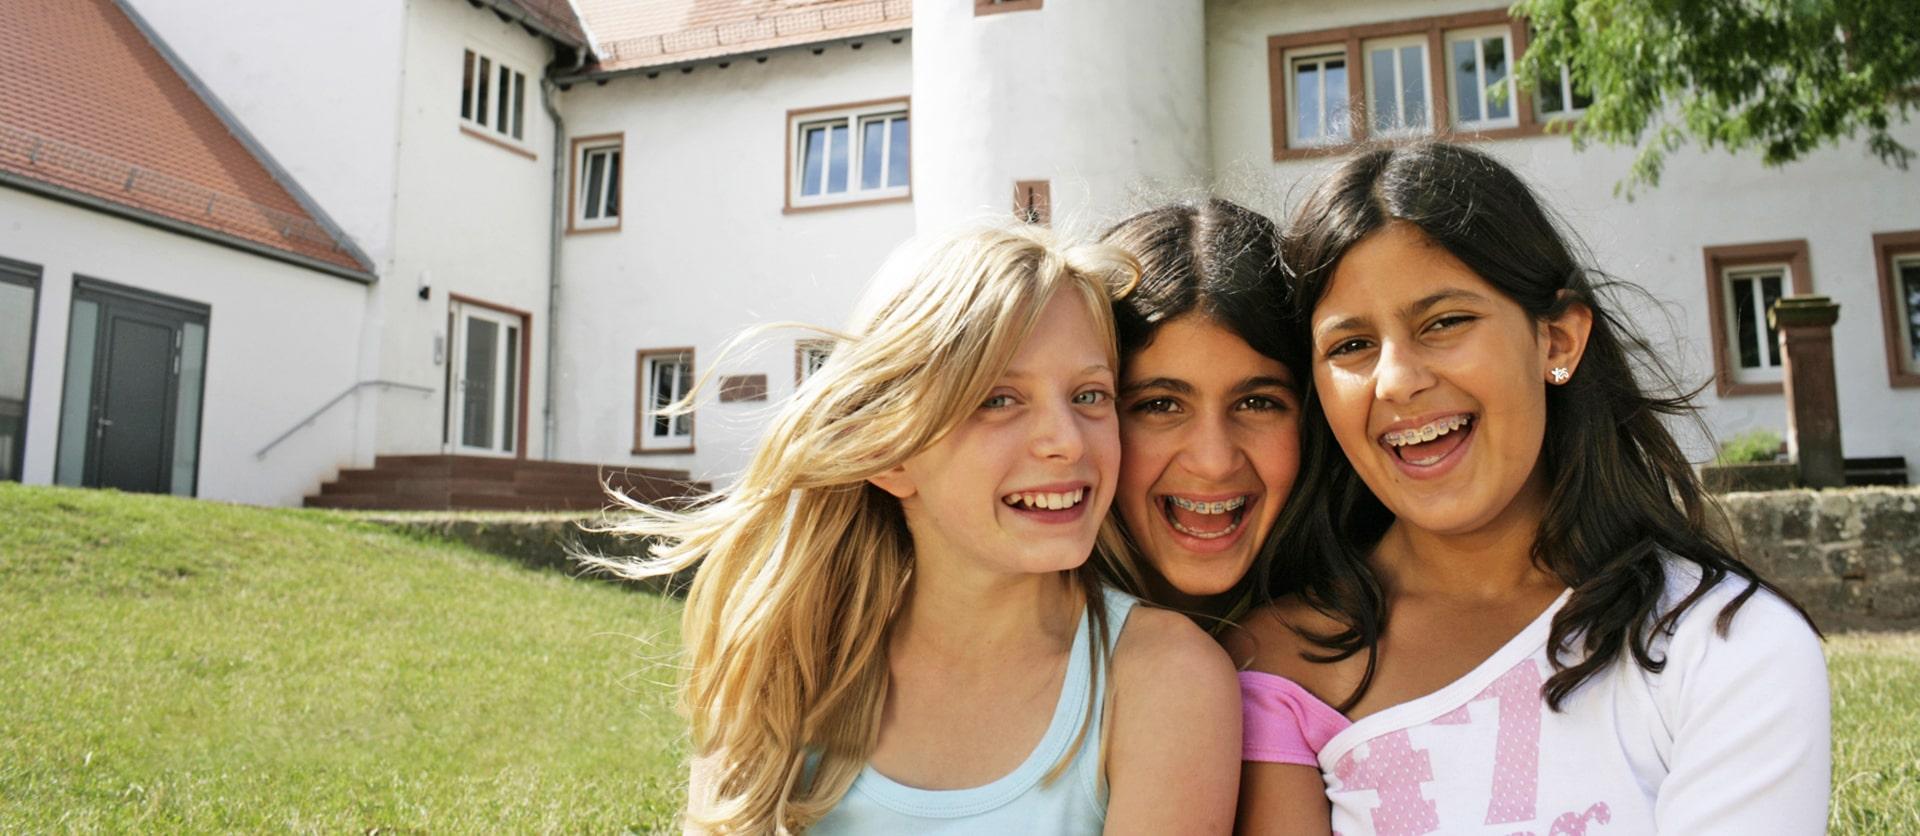 Campamento de verano con curso de alemán en Odenwald, Alemania